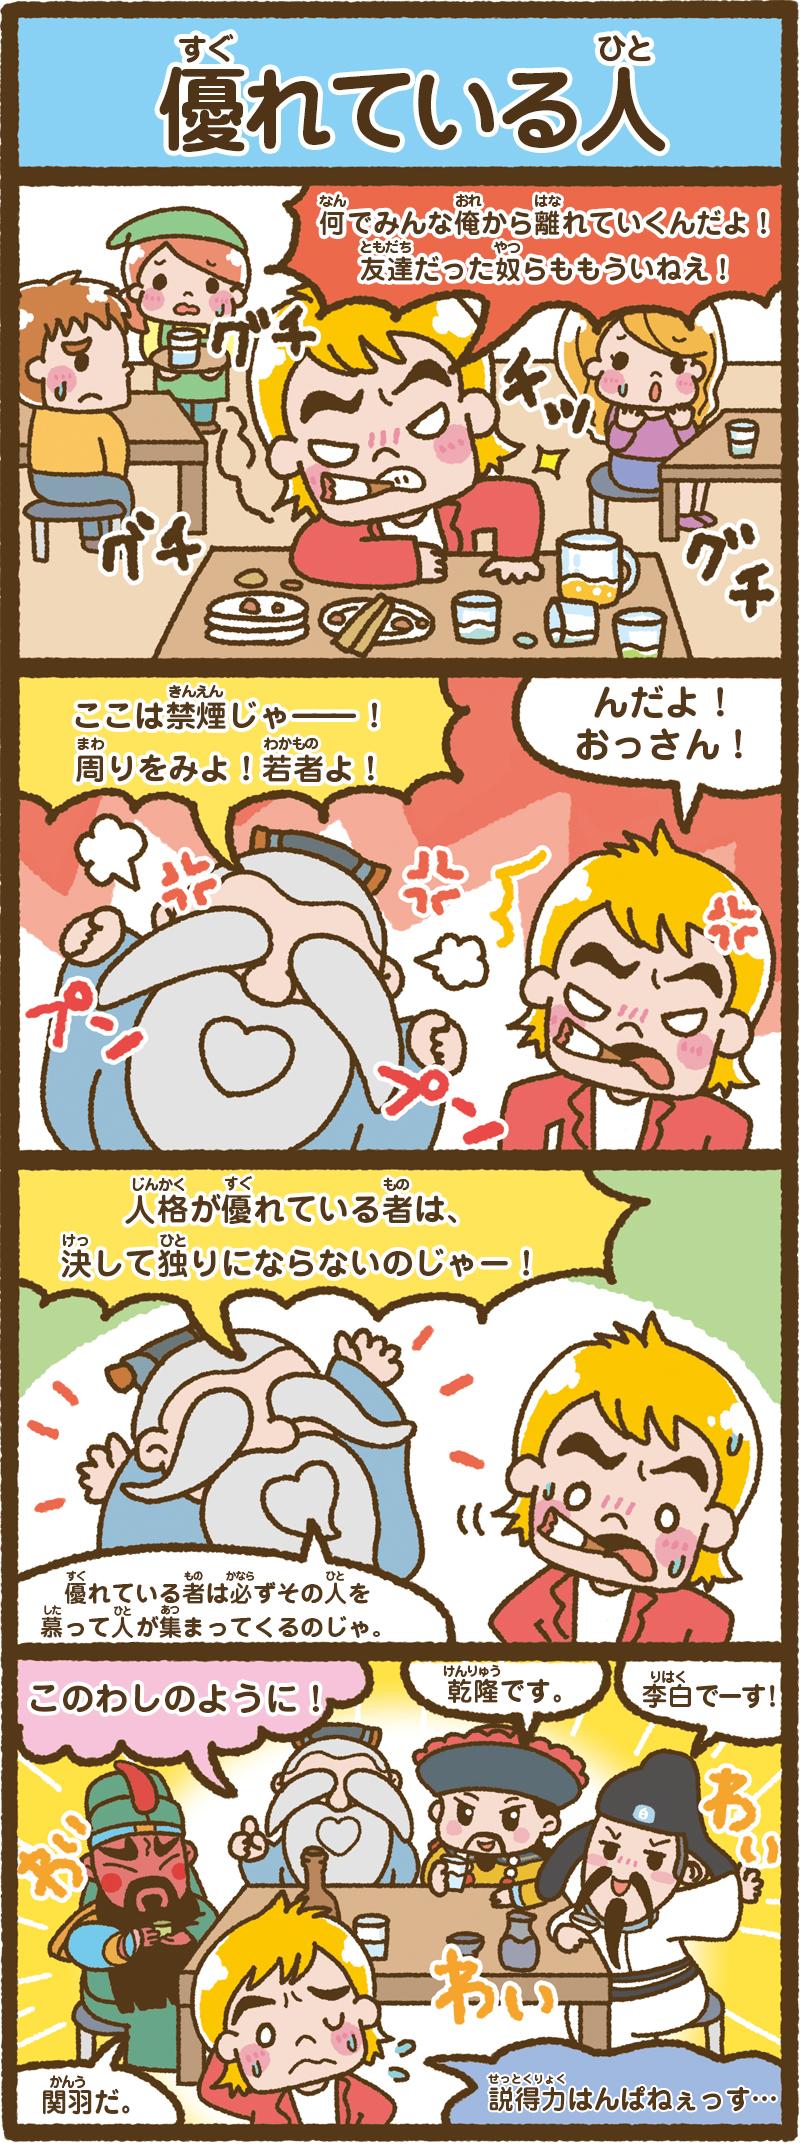 中国の人気ゆるキャラ『孔子爺や』の4コマ漫画第9弾~第10弾[画像1]